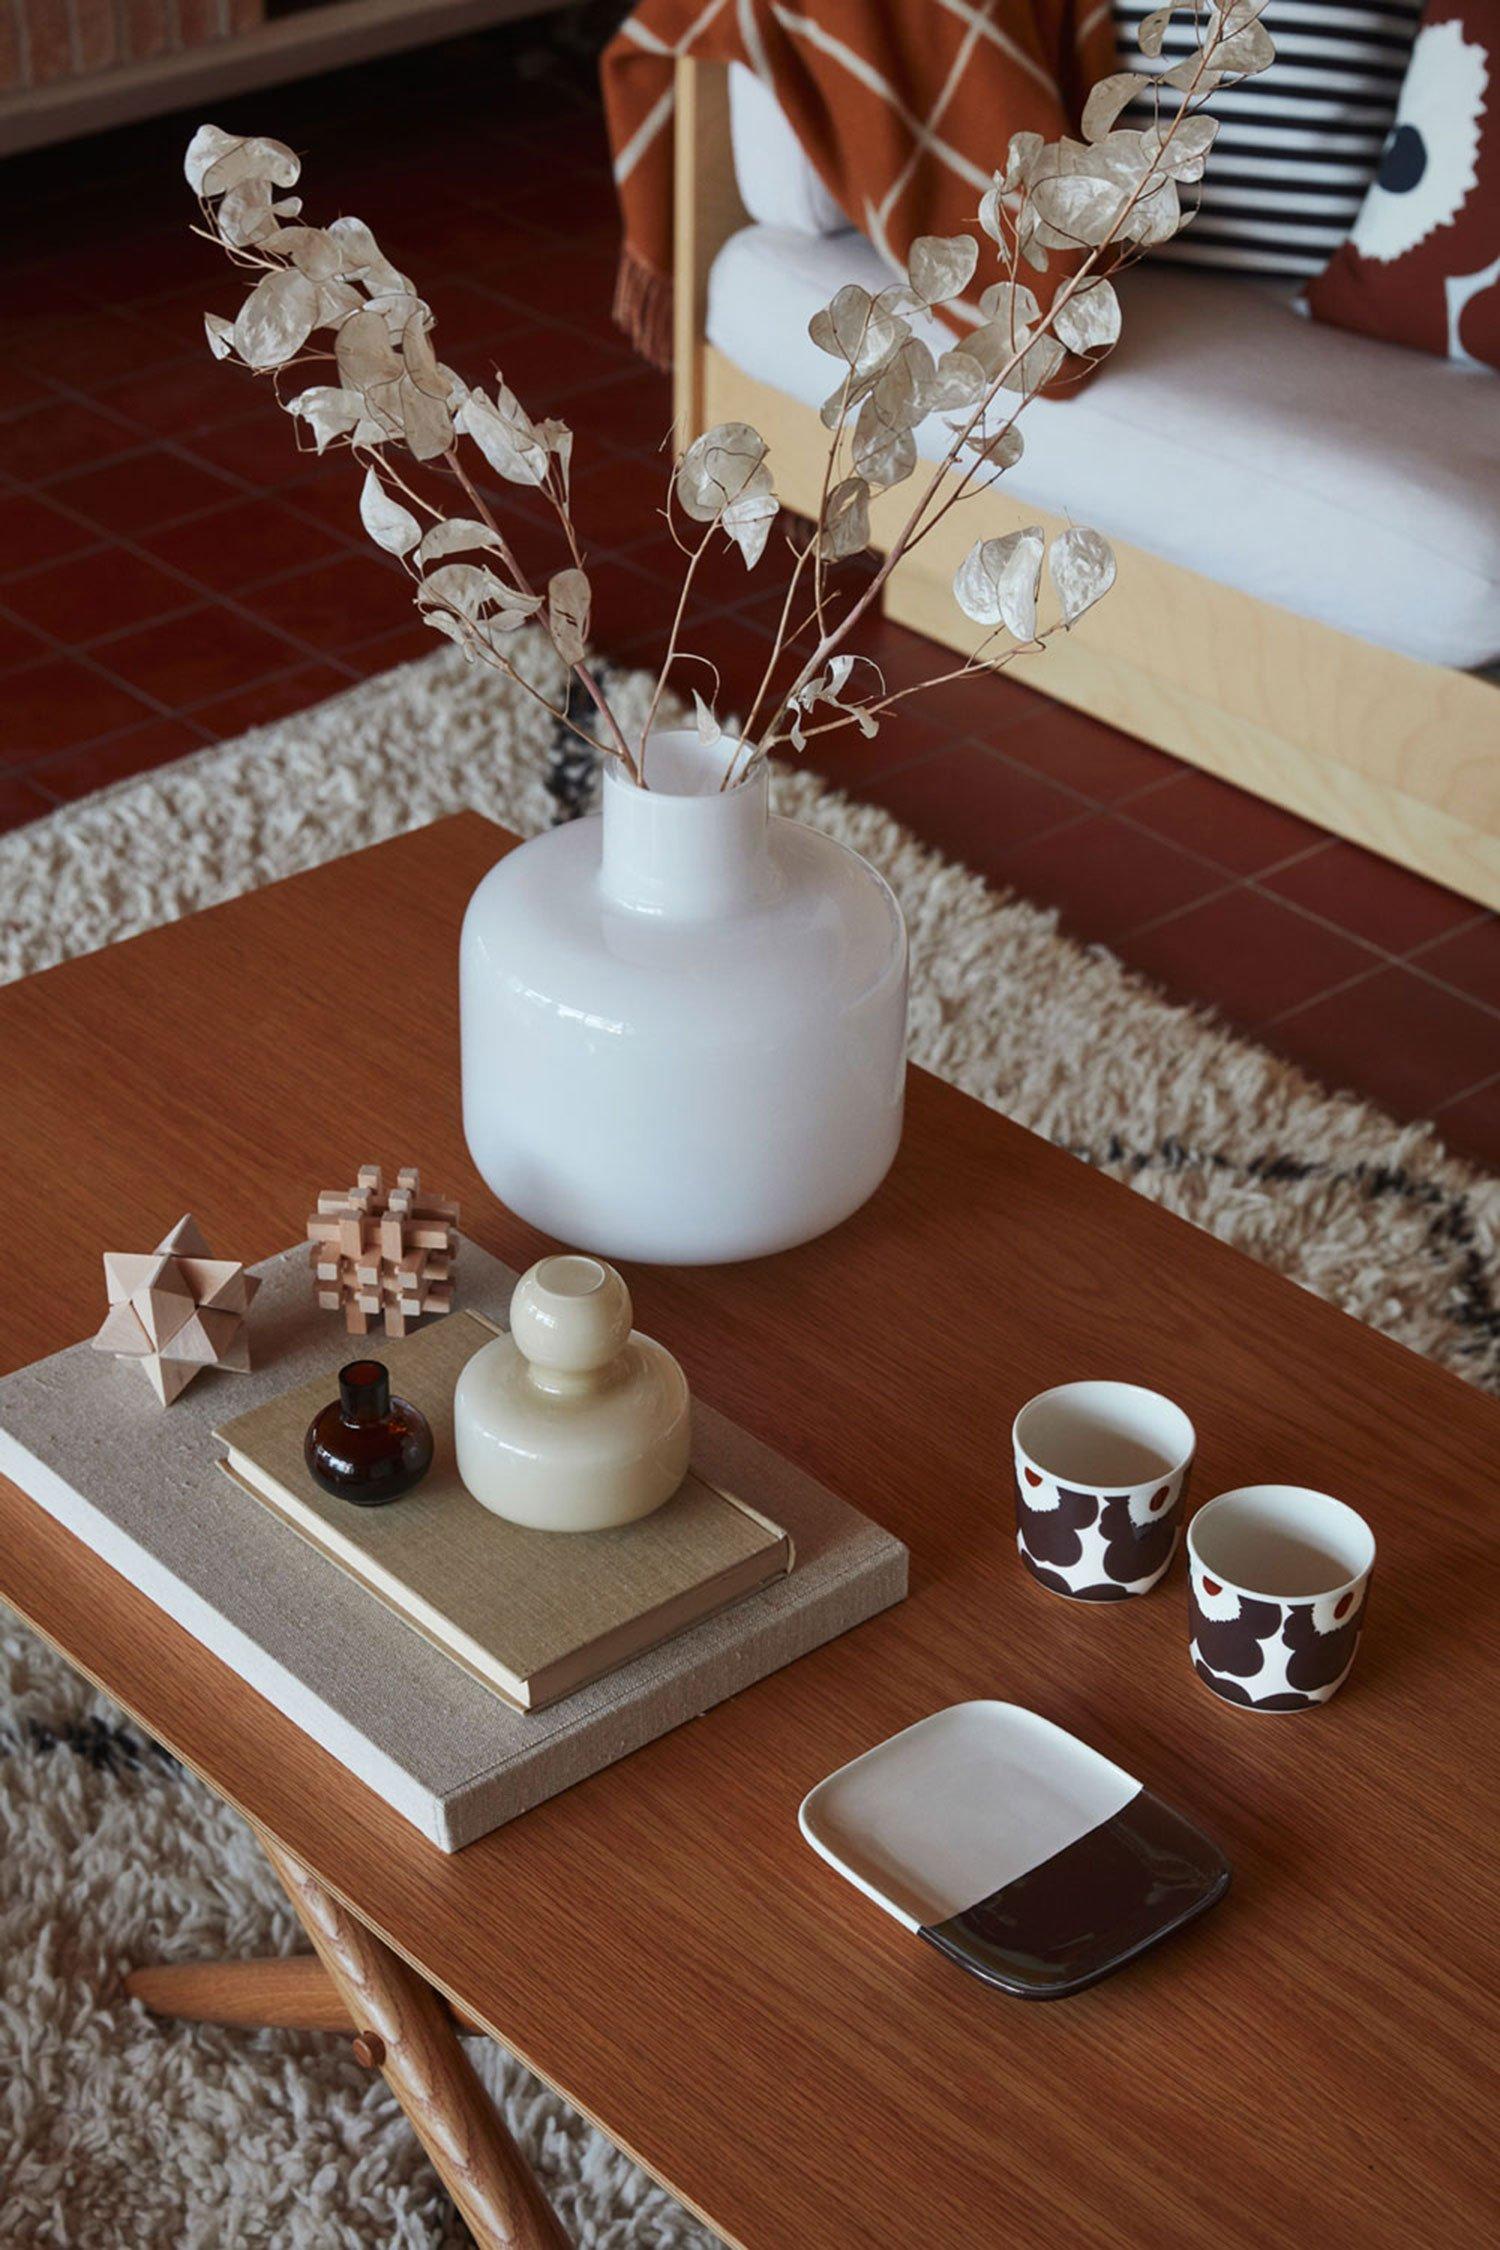 autumn decor home idea warm hues